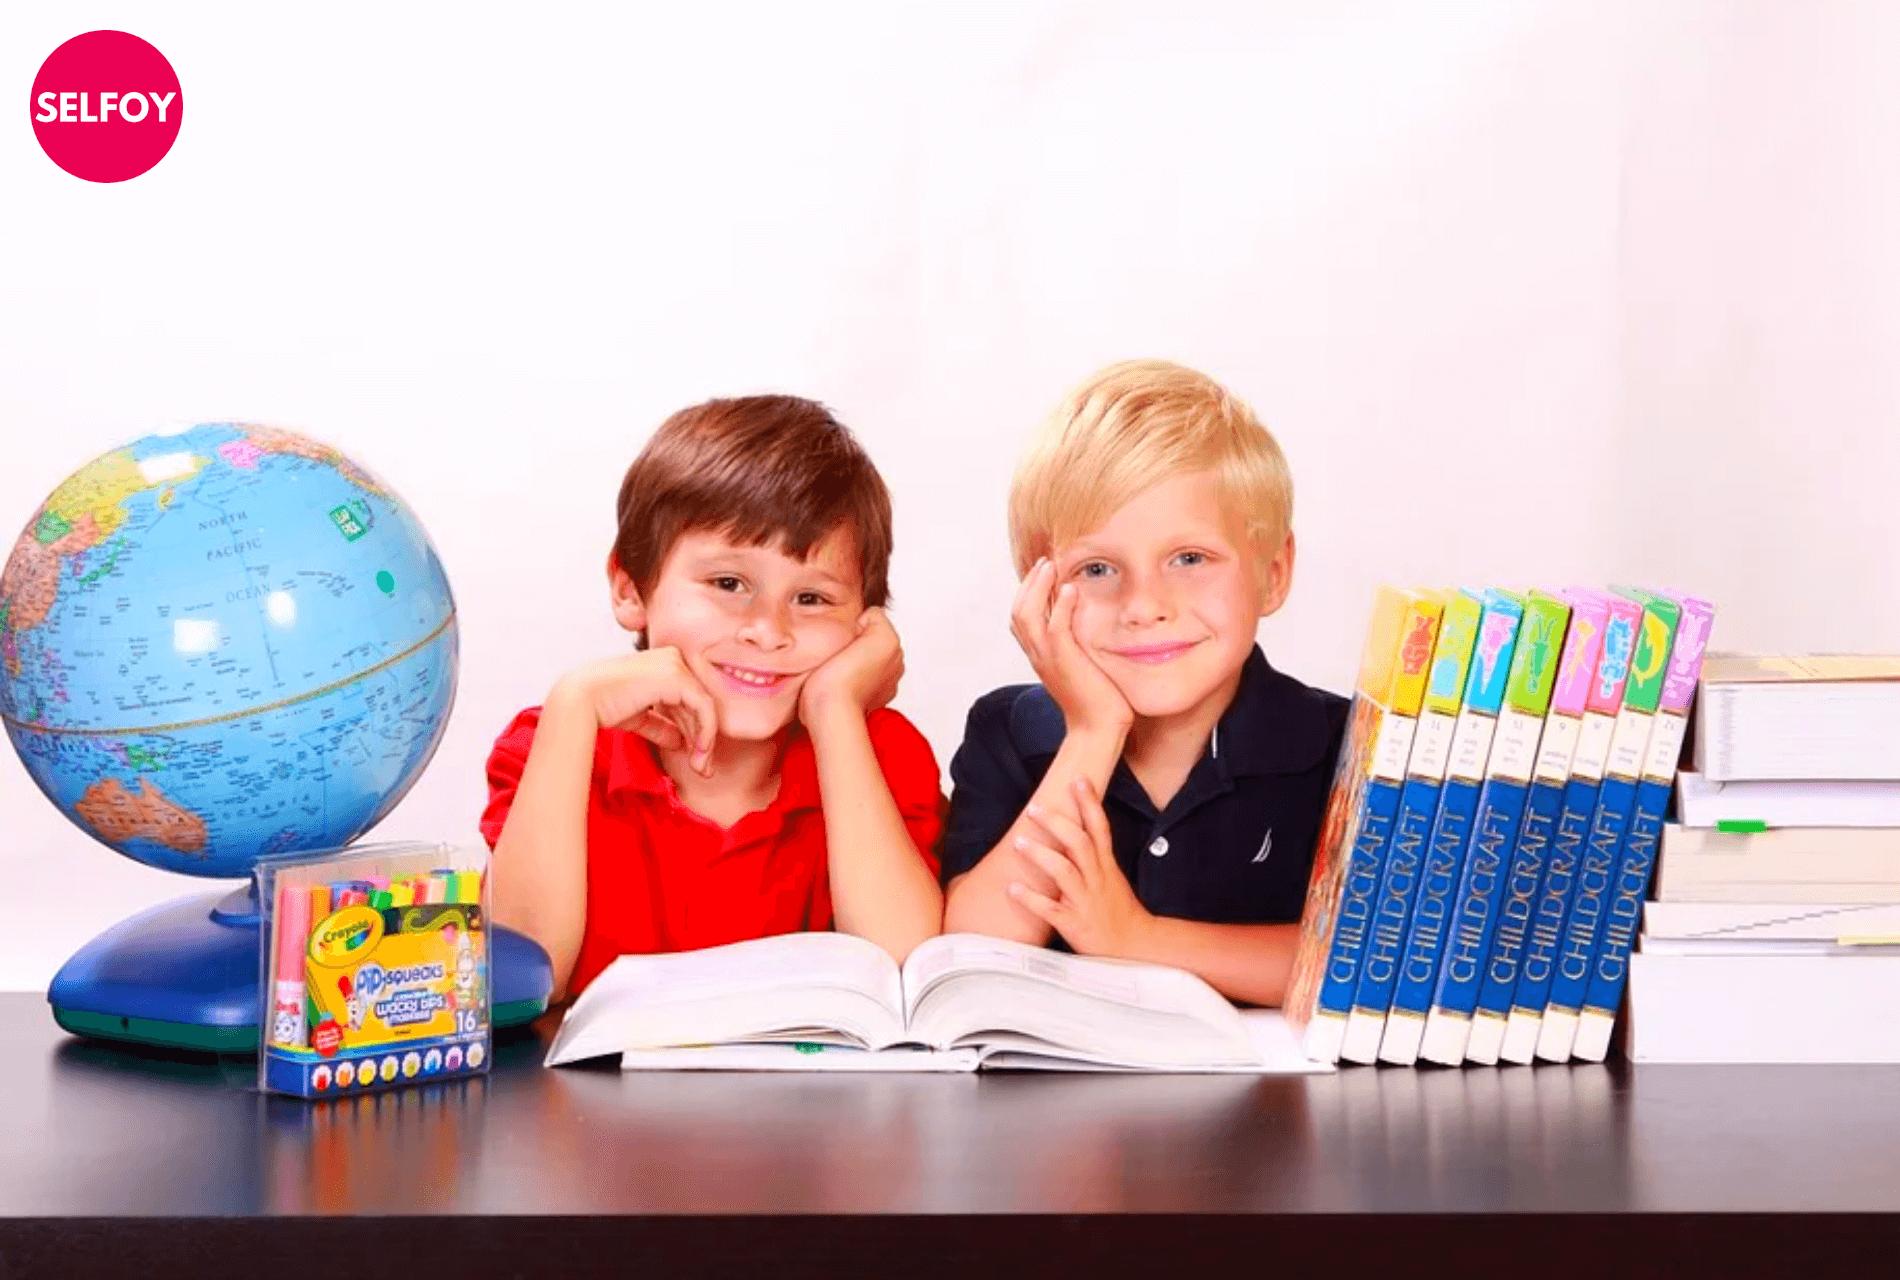 self-esteem-activities-for-kindergarteners-Two-preschoolers-smiling